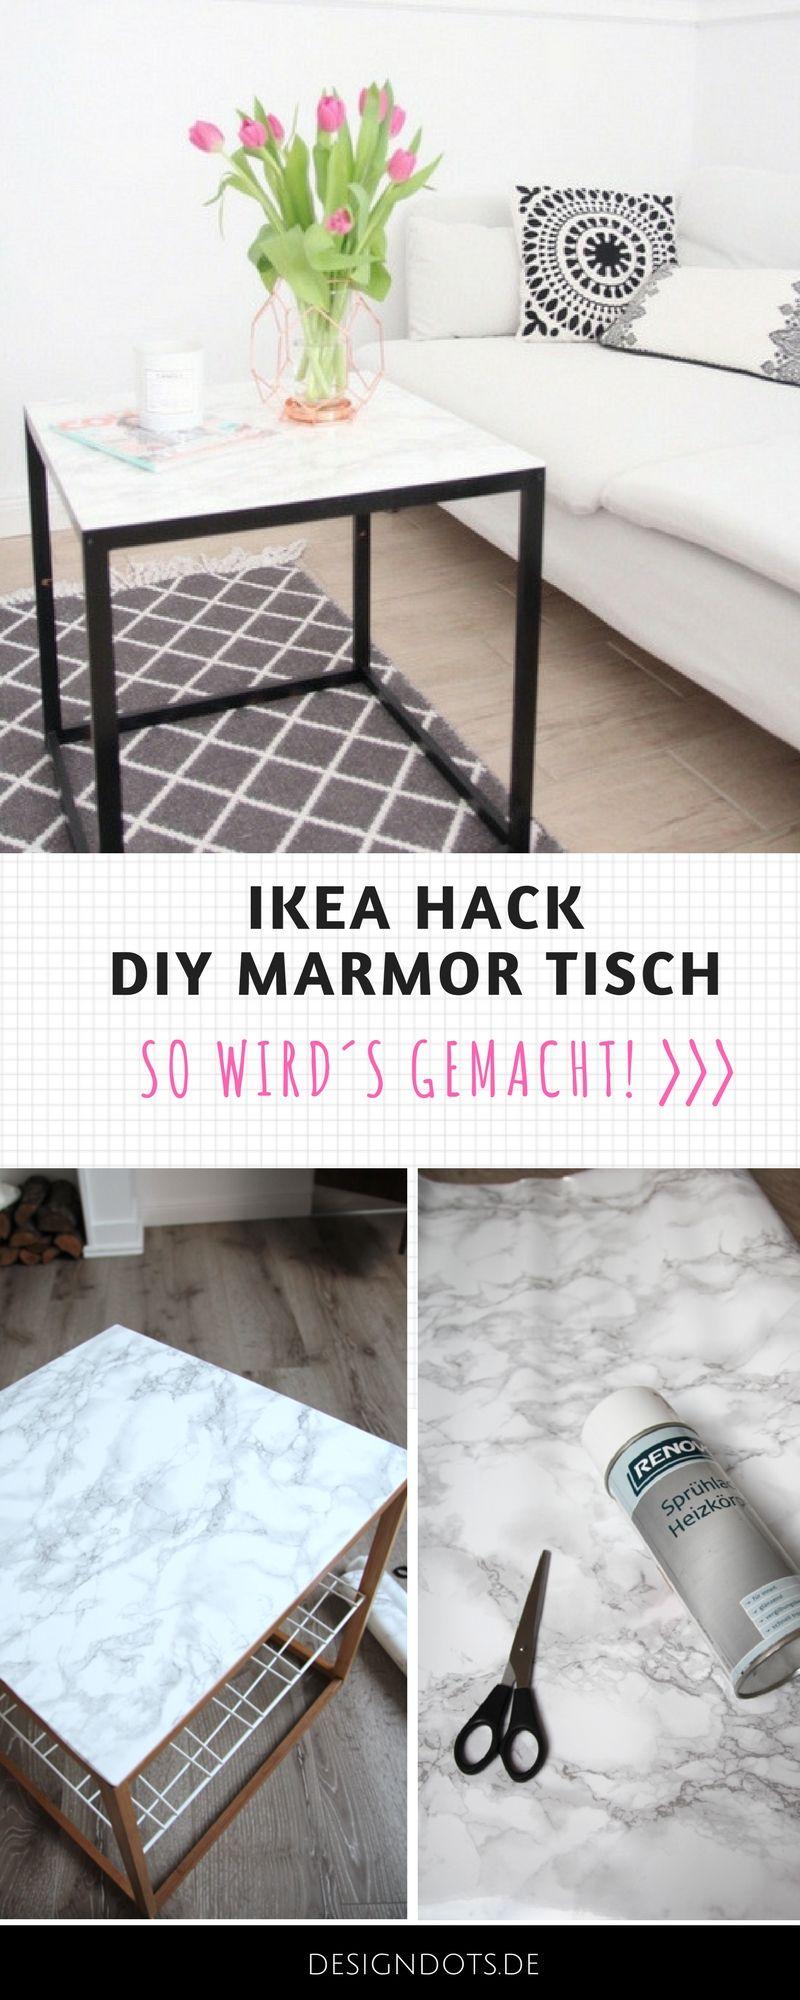 DIY Beistelltisch Mit Marmorplatte Ikea Hack